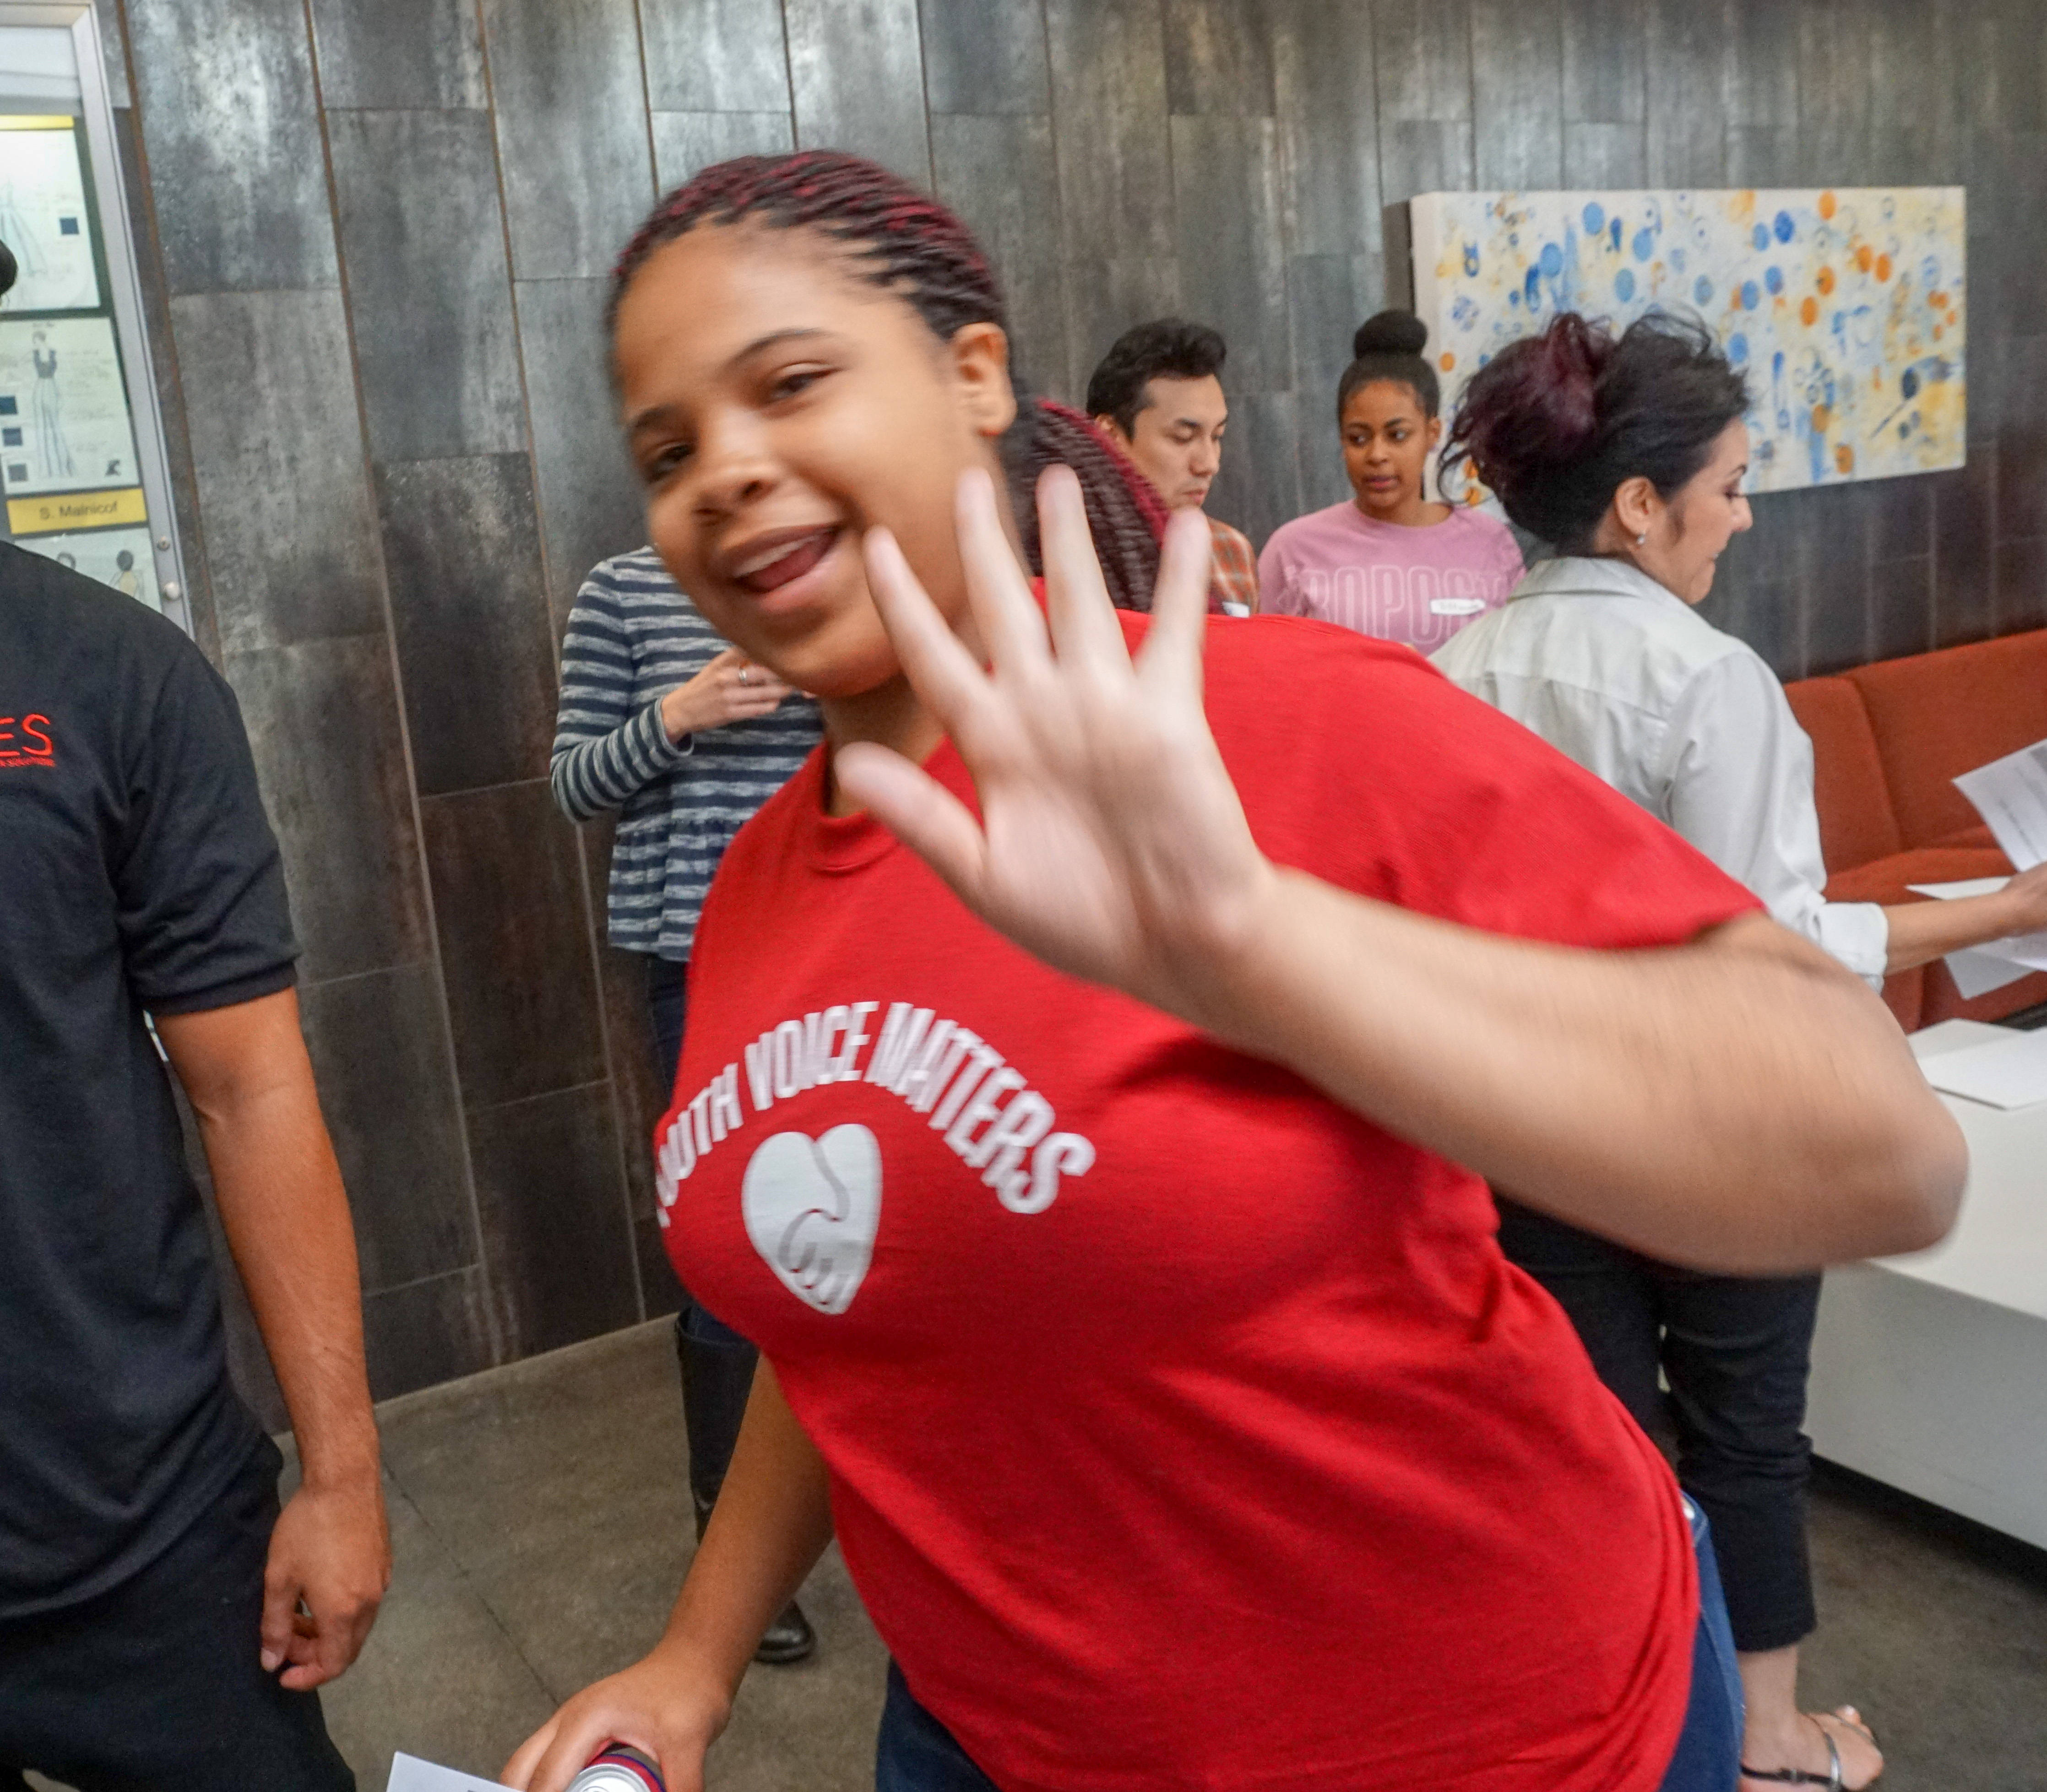 DLA participant waving/